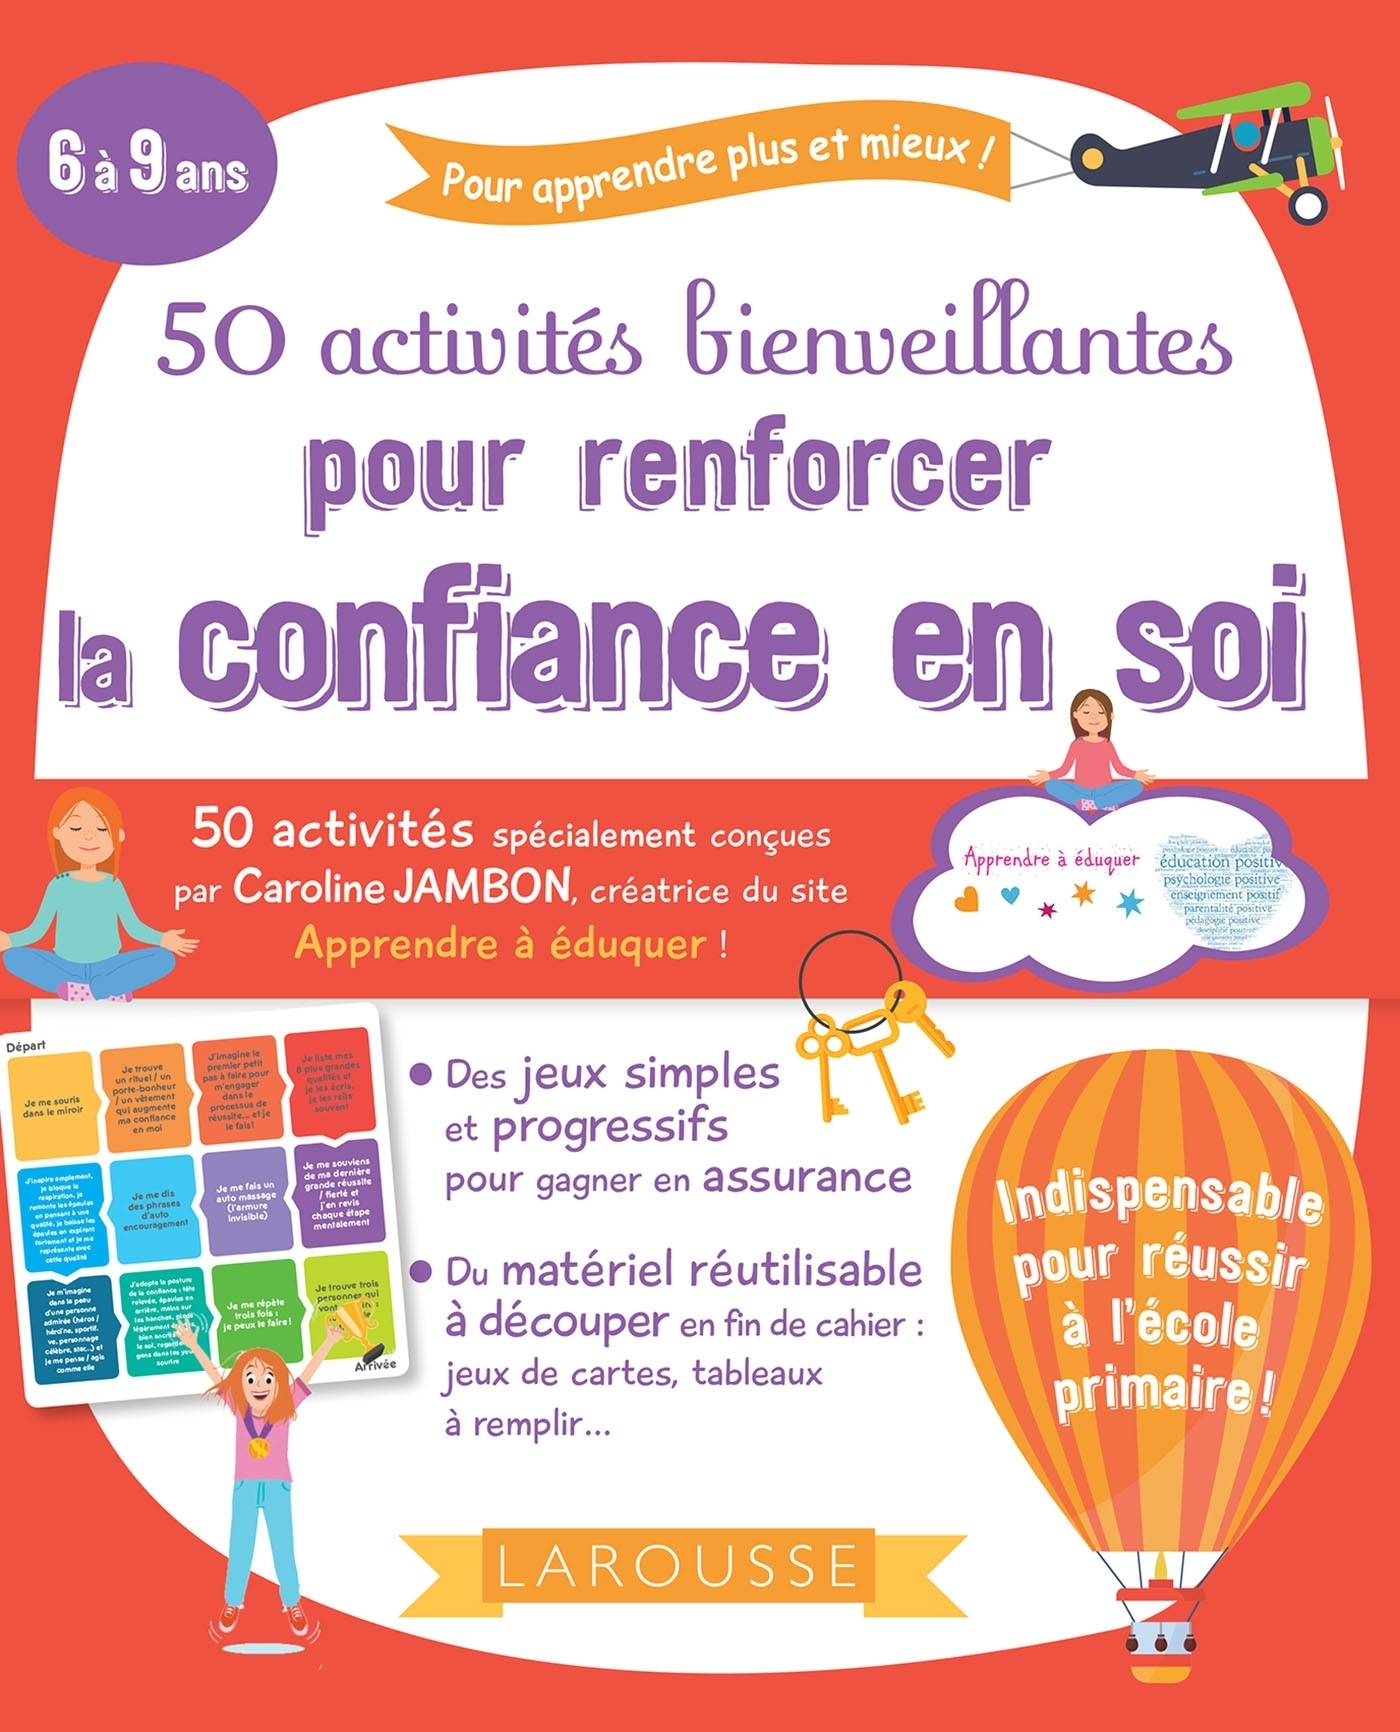 50 ACTIVITES BIENVEILLANTES POUR RENFORCER LA CONFIANCE EN SOI